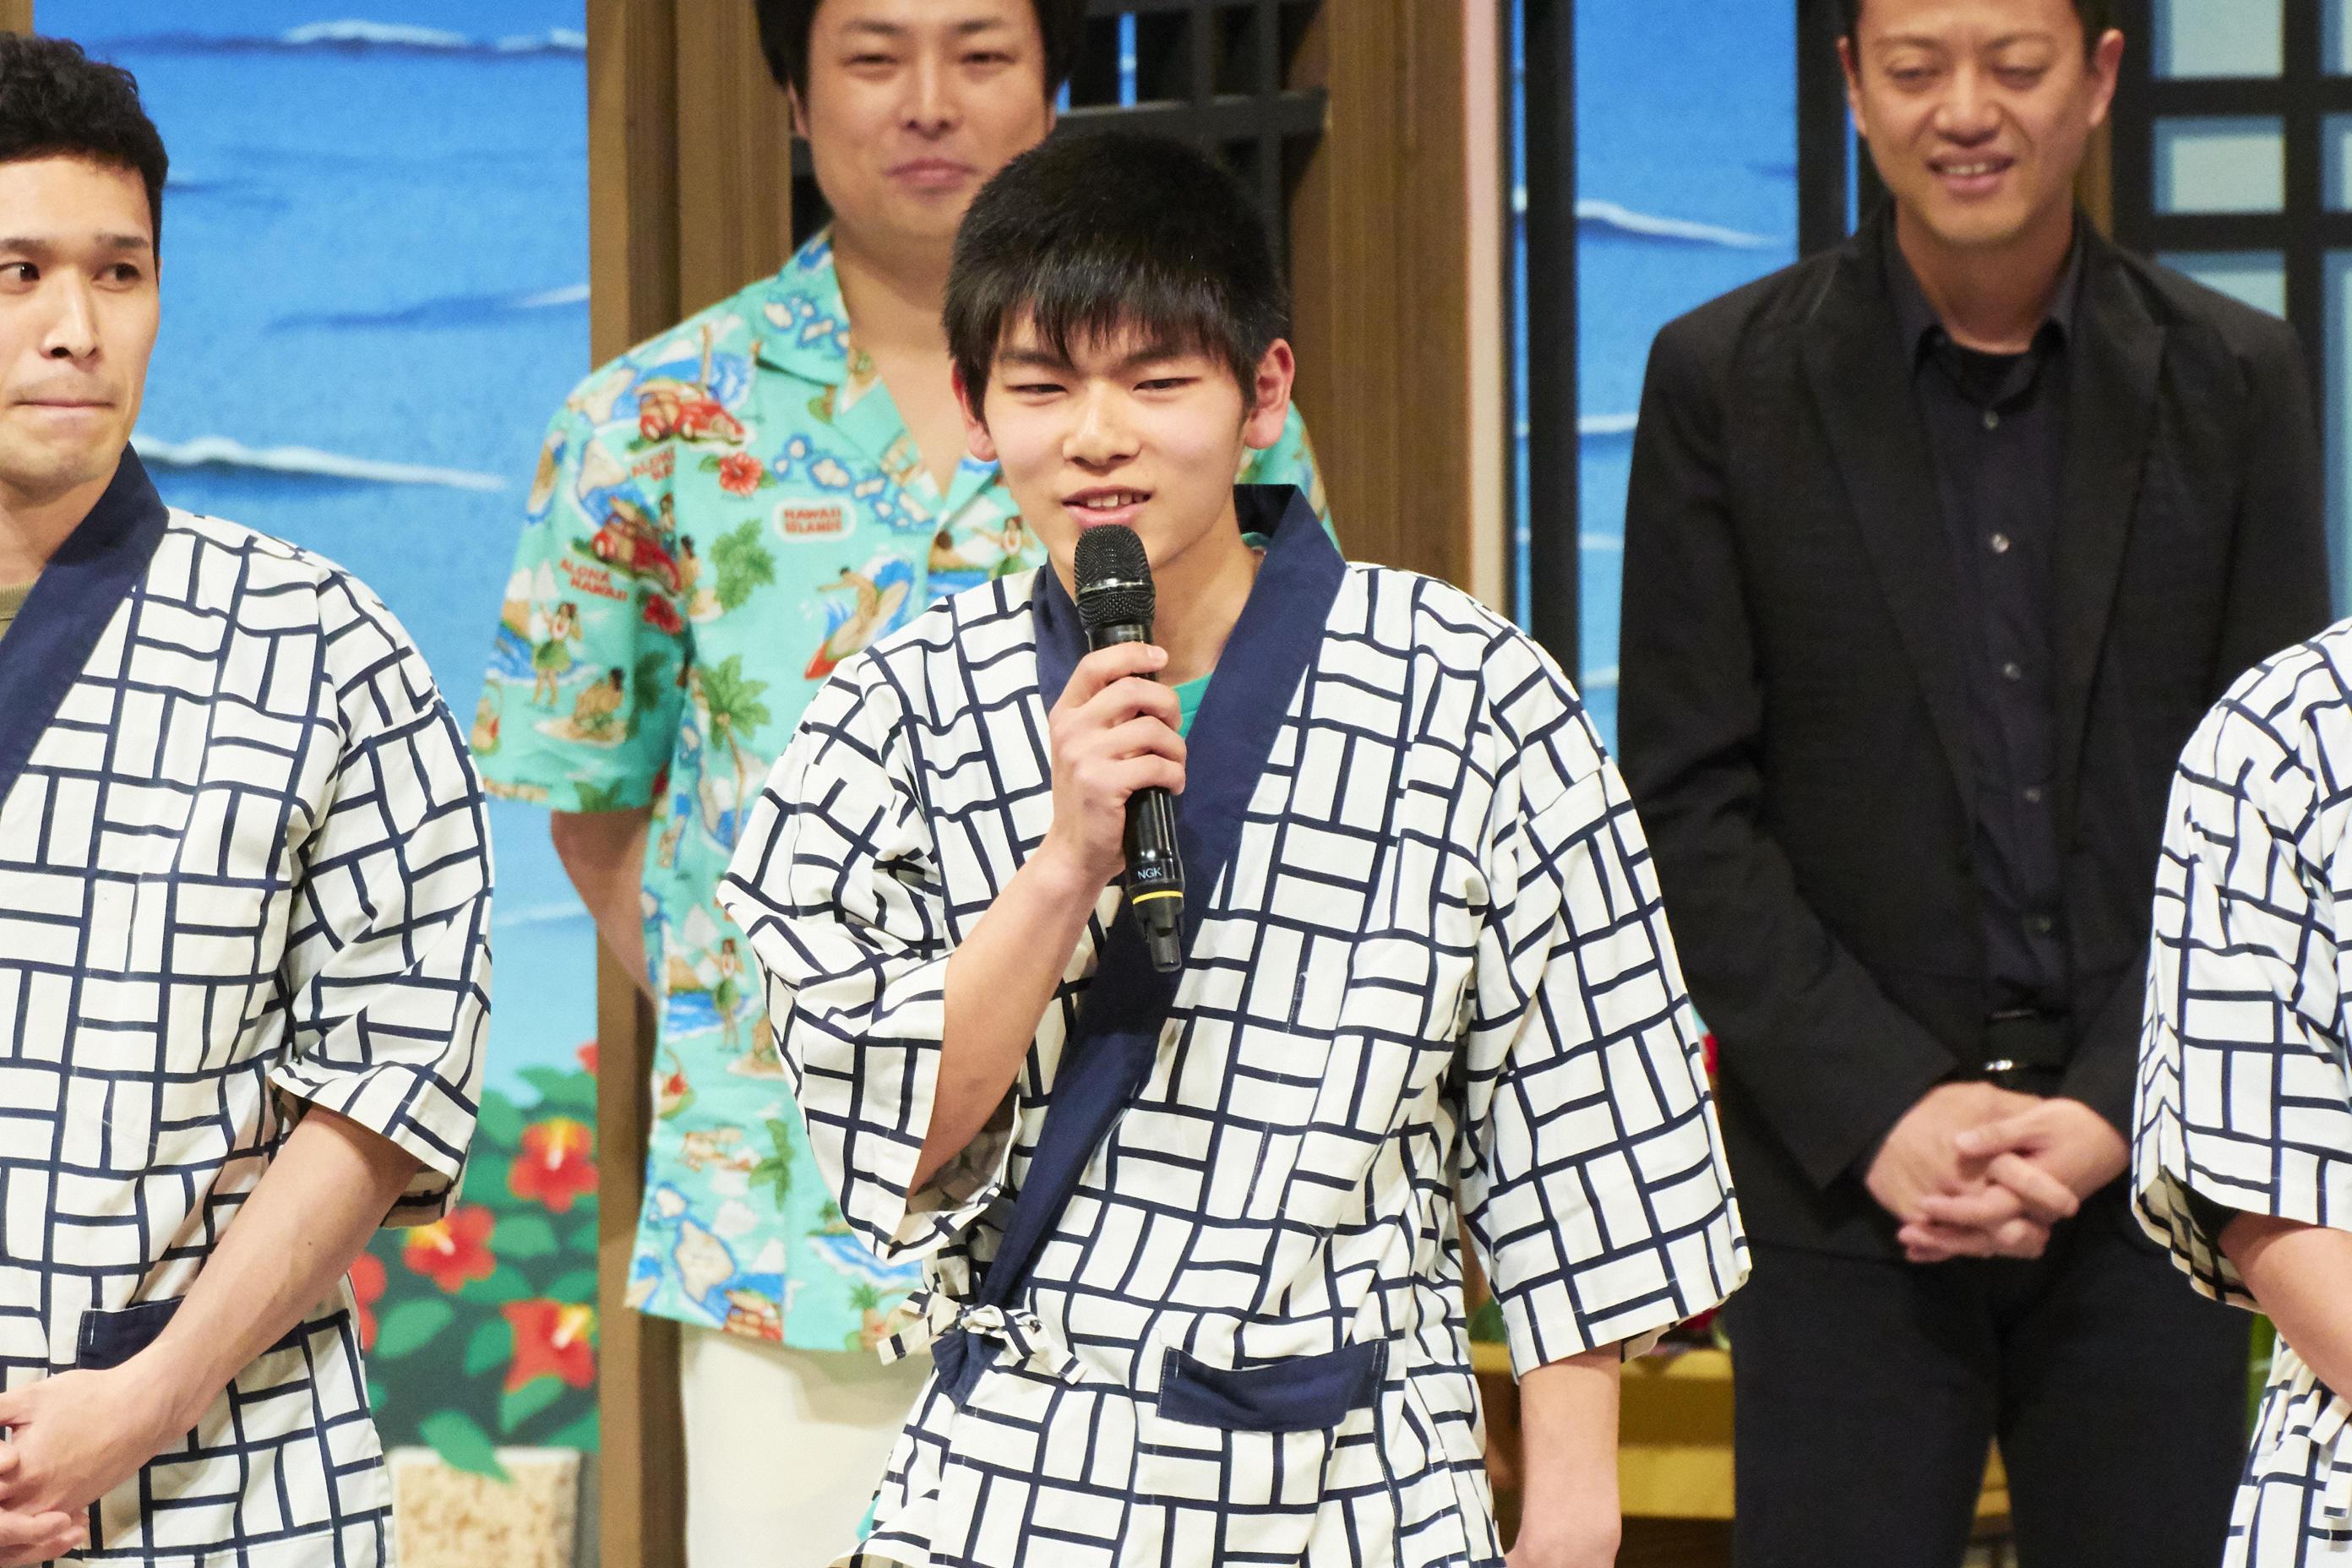 http://news.yoshimoto.co.jp/20180415184854-6176912063e69de4855ecc2f027ddaad738ecaf2.jpg